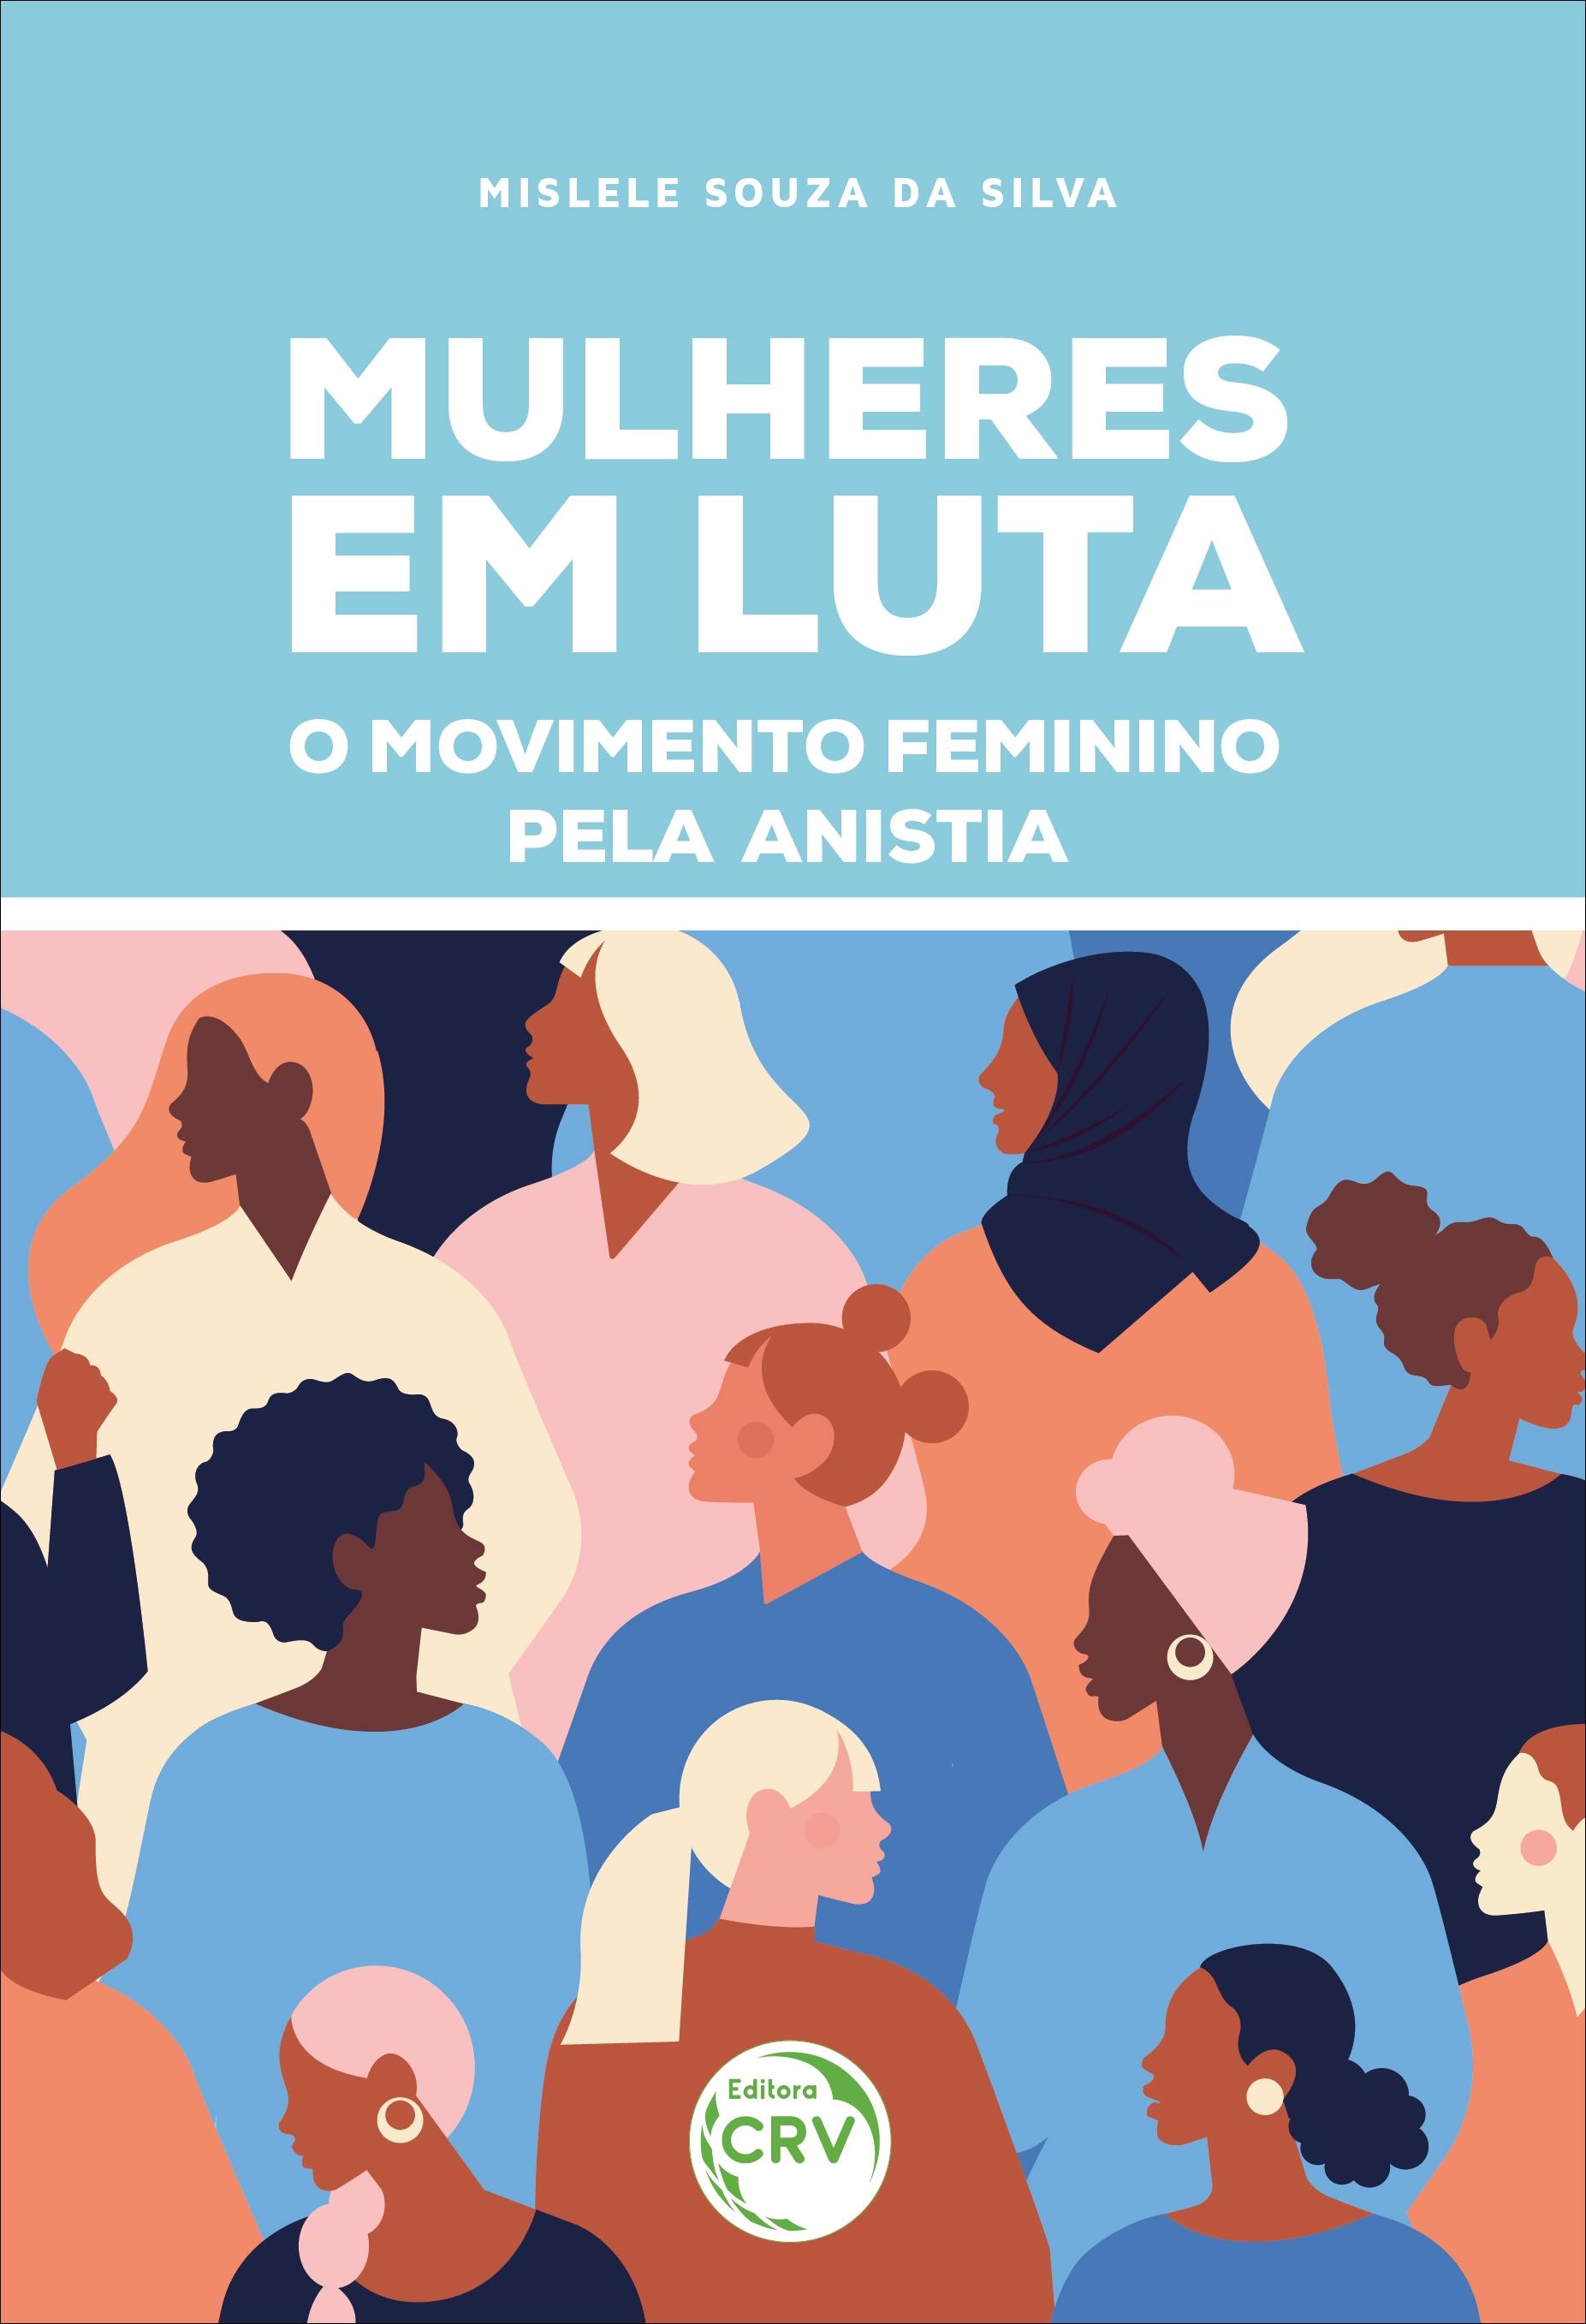 Capa do livro: MULHERES EM LUTA: <br>o Movimento Feminino pela Anistia